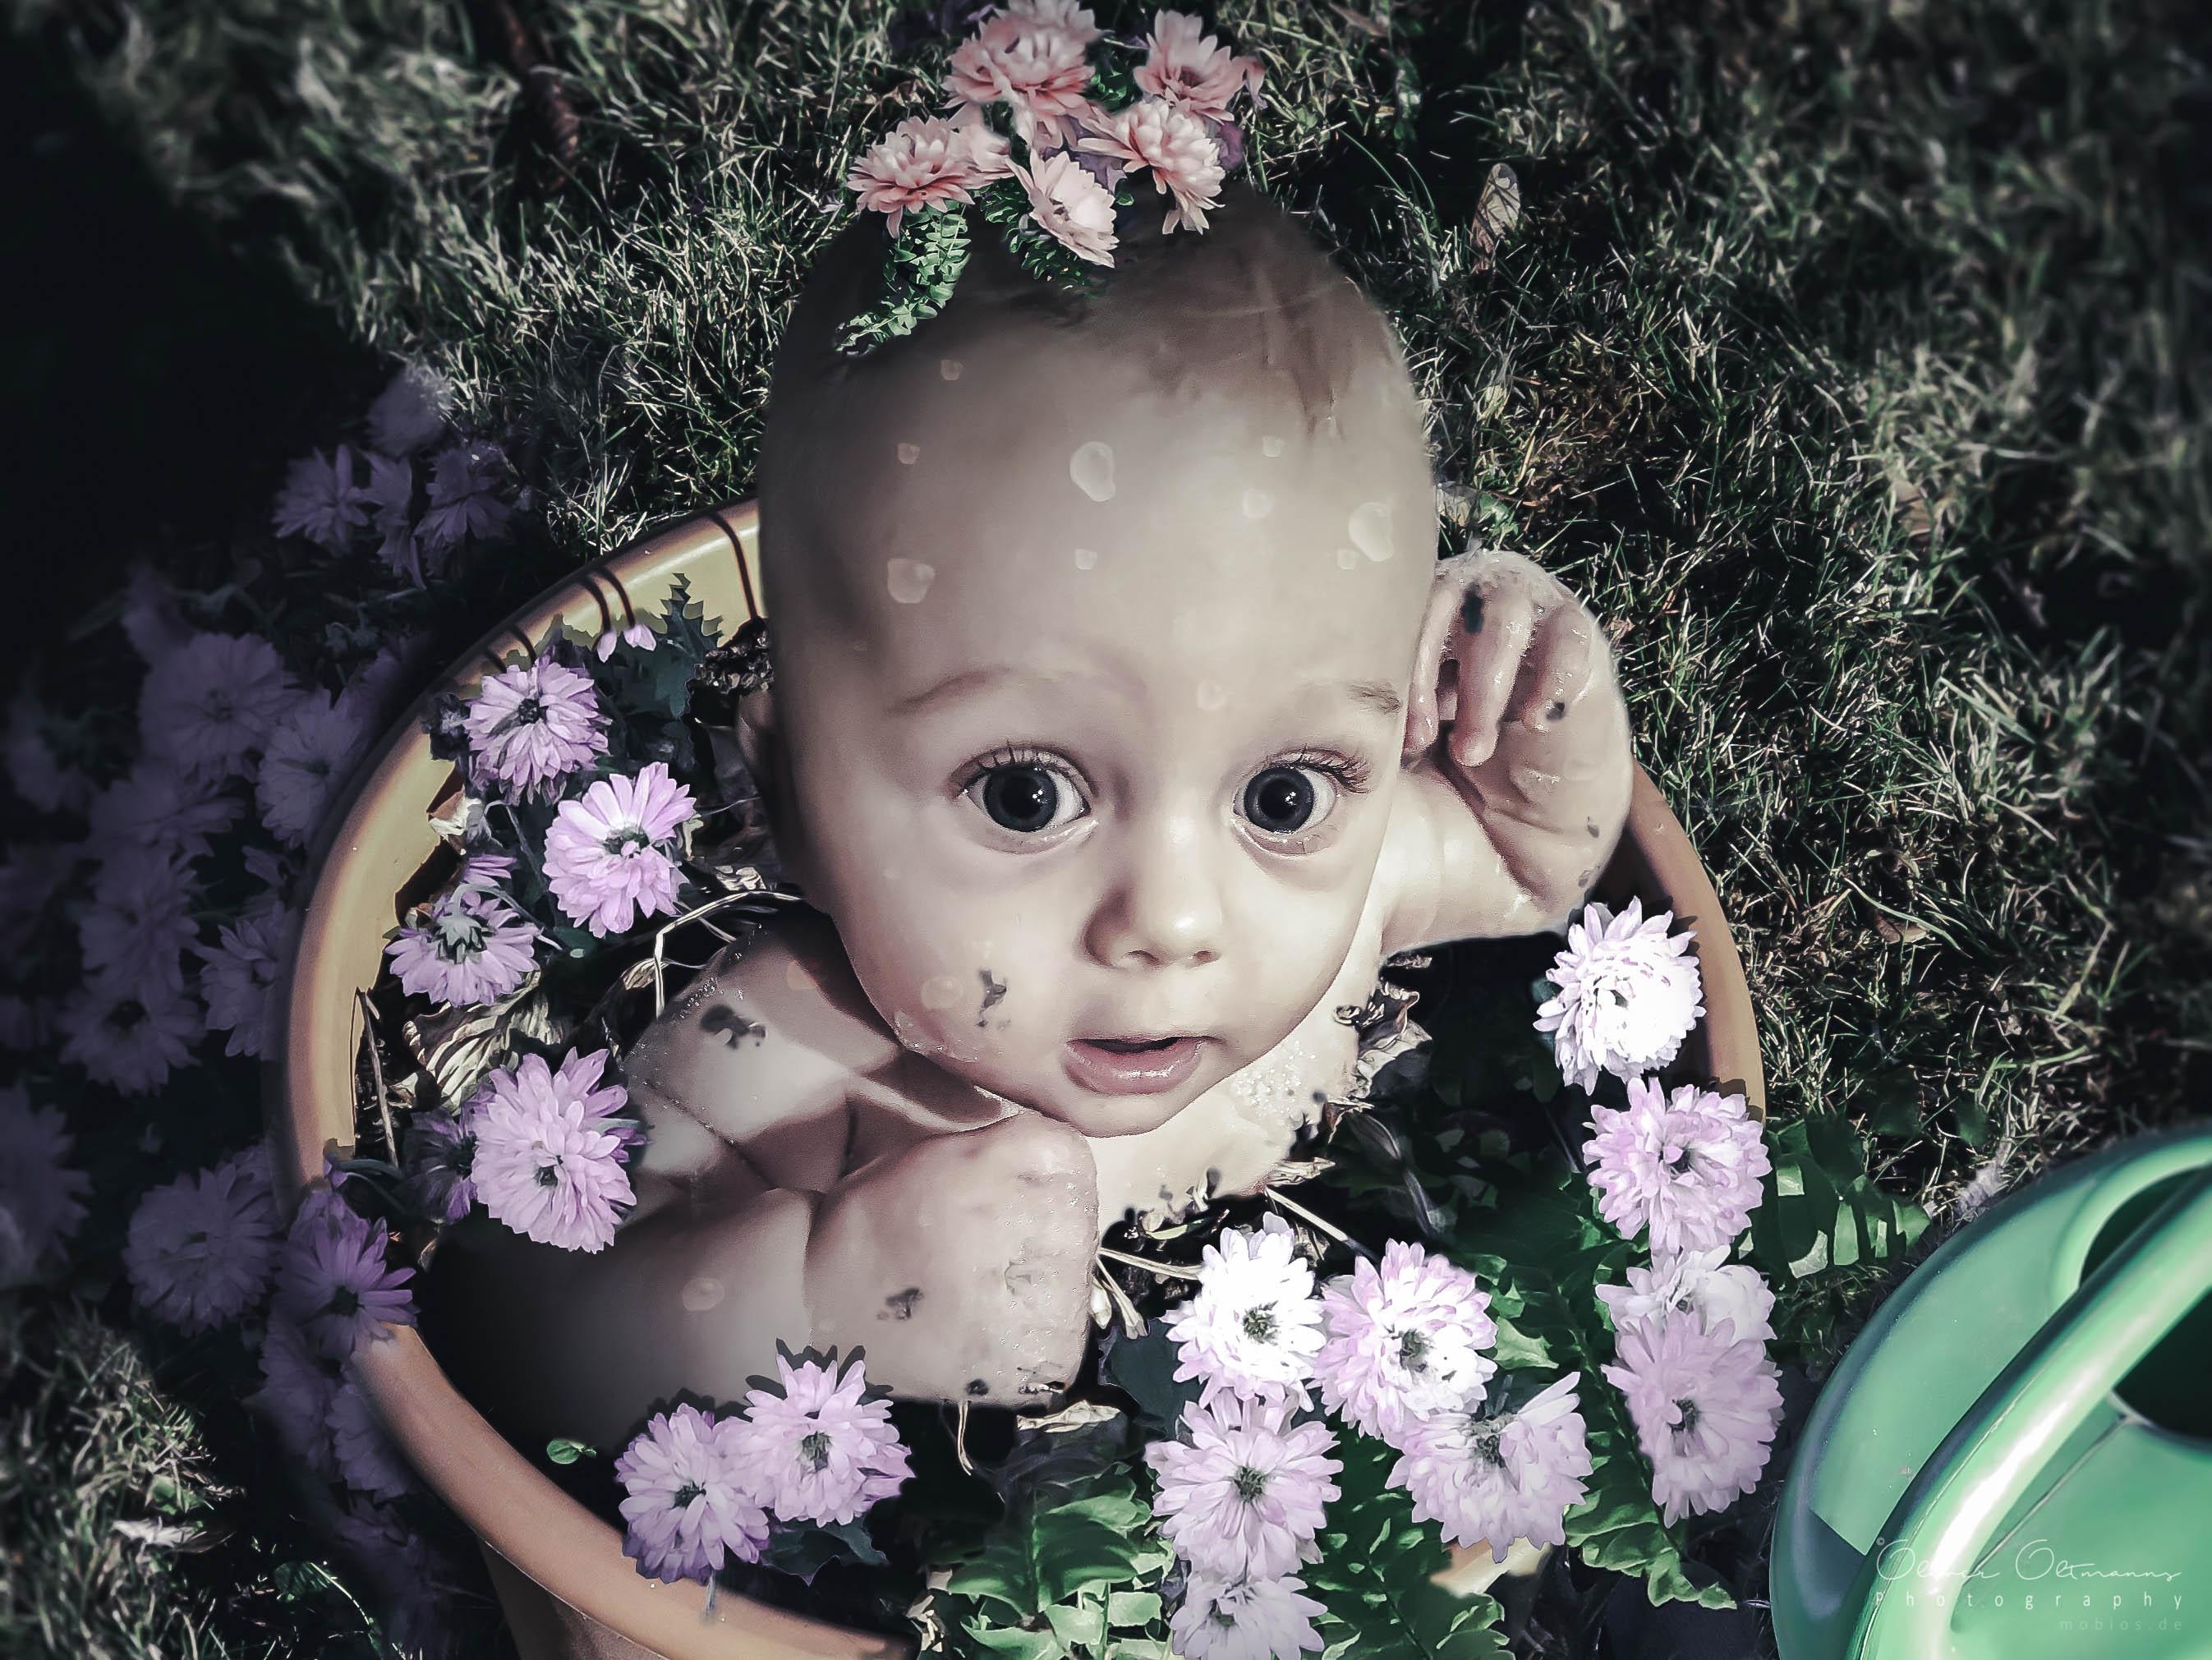 Baby im Topf